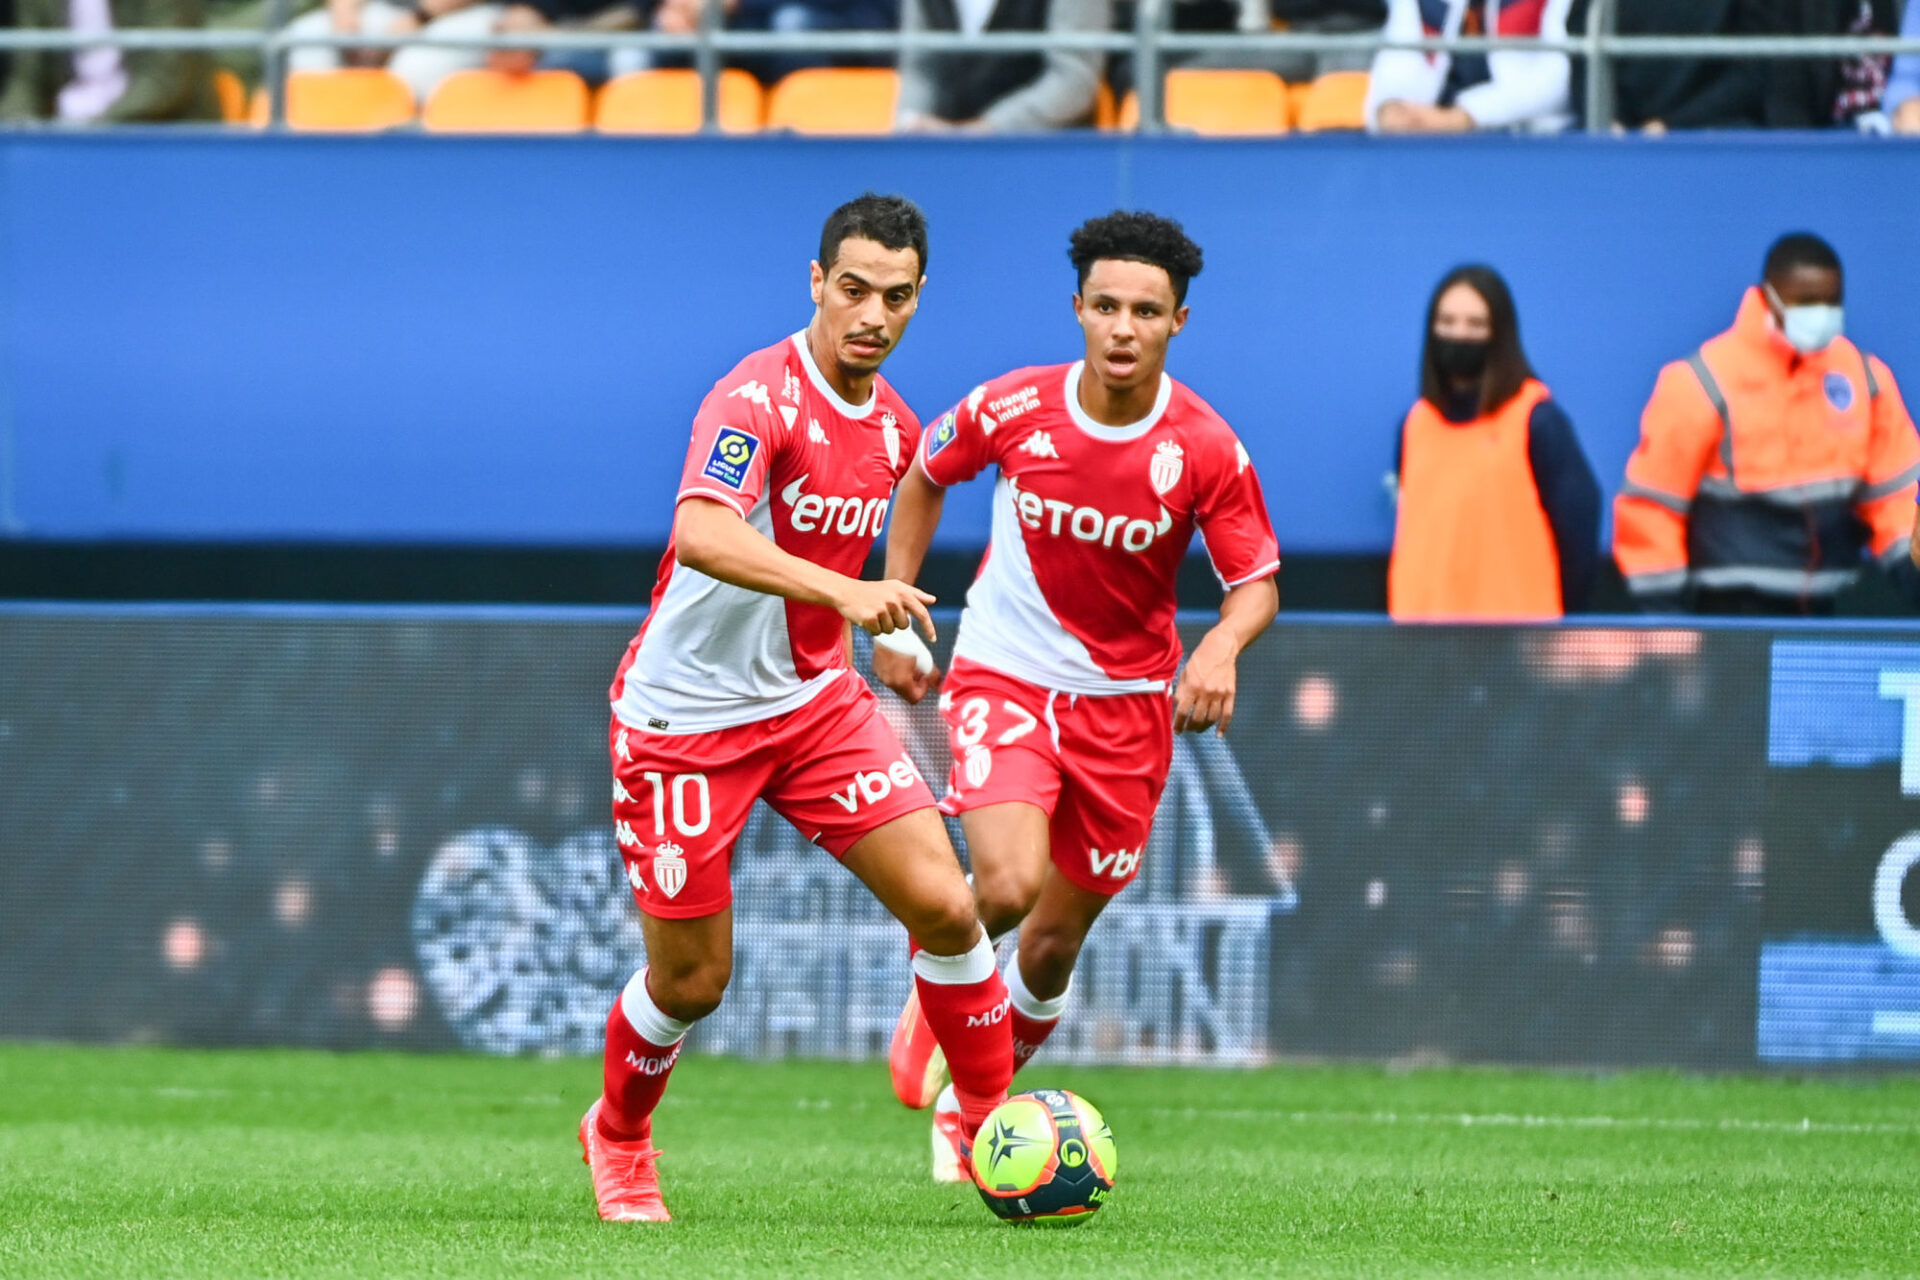 Wissam Ben Yedder et Monaco sont attendus contre l'OM, ce samedi 11 septembre. Icon Sport